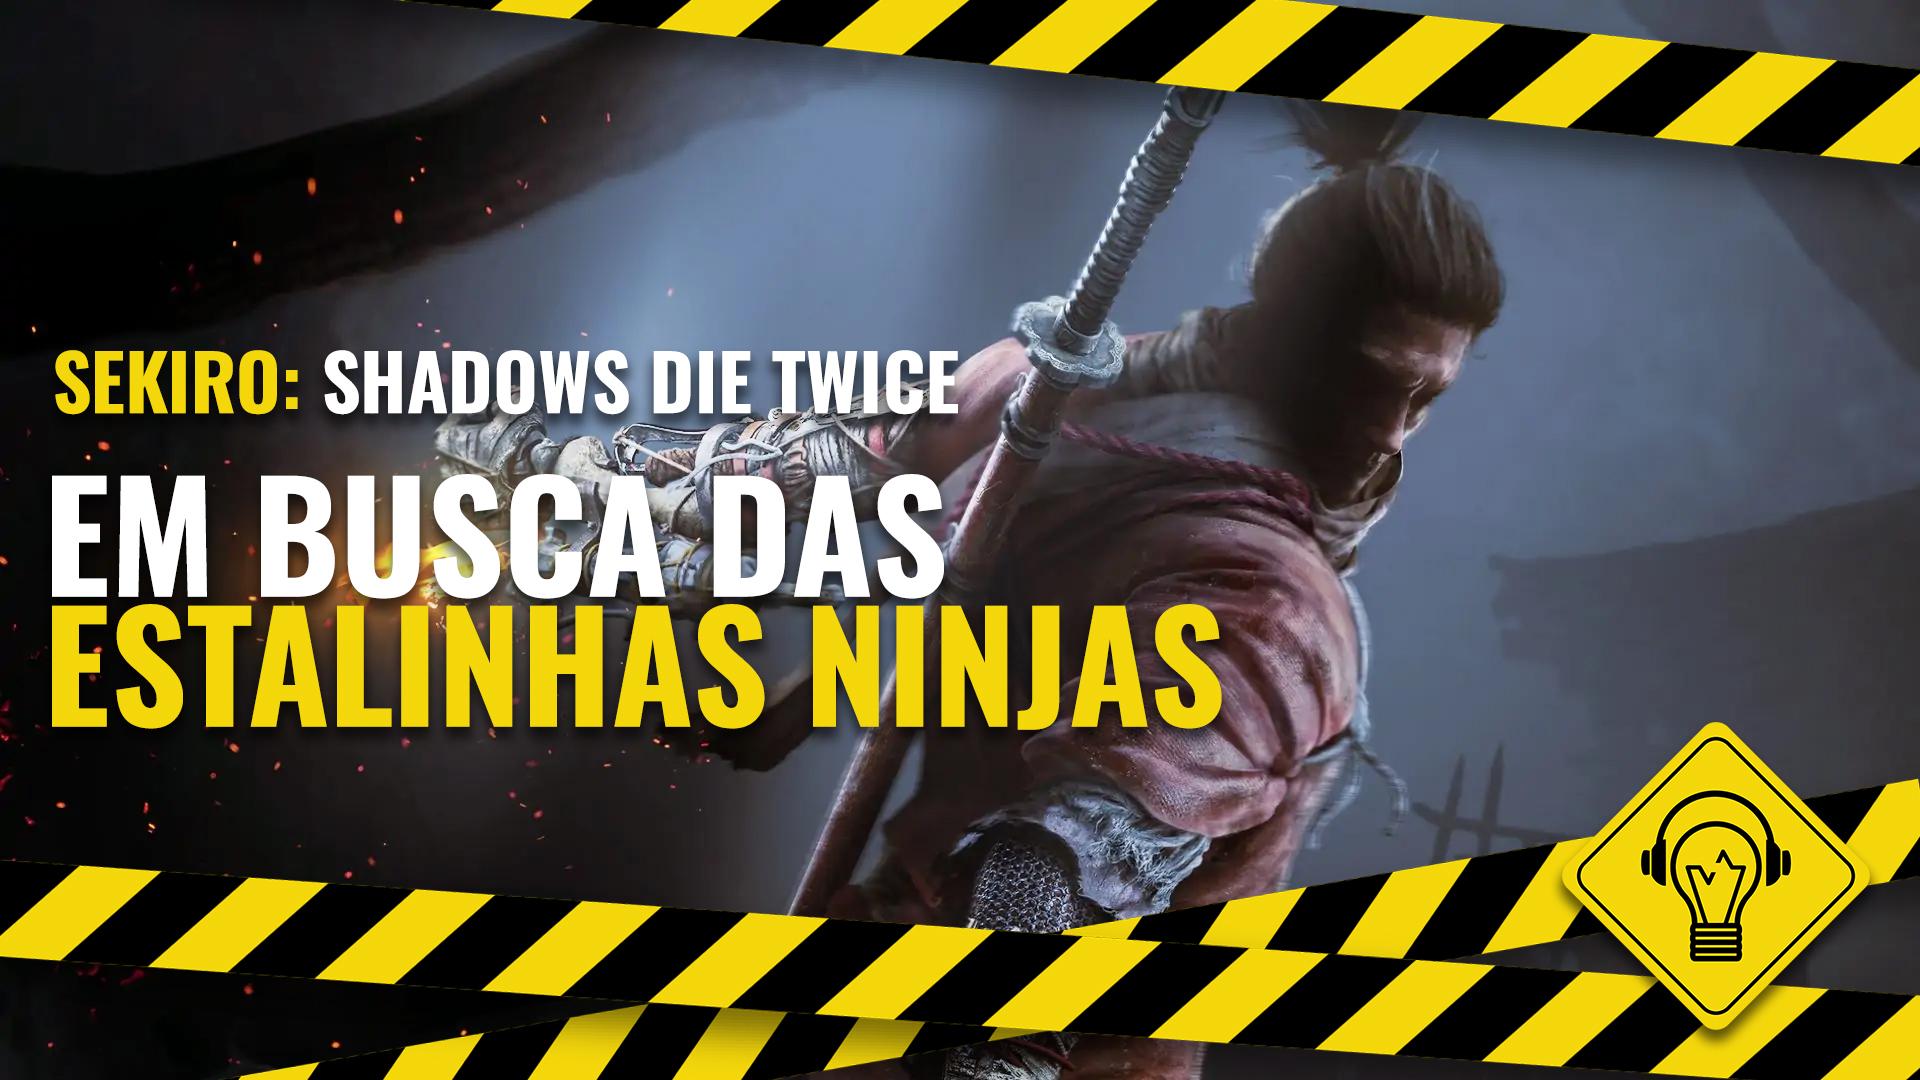 Jogando Errado – Em Busca das Estalinhas Ninjas (Sekiro: Shadows Die Twice)